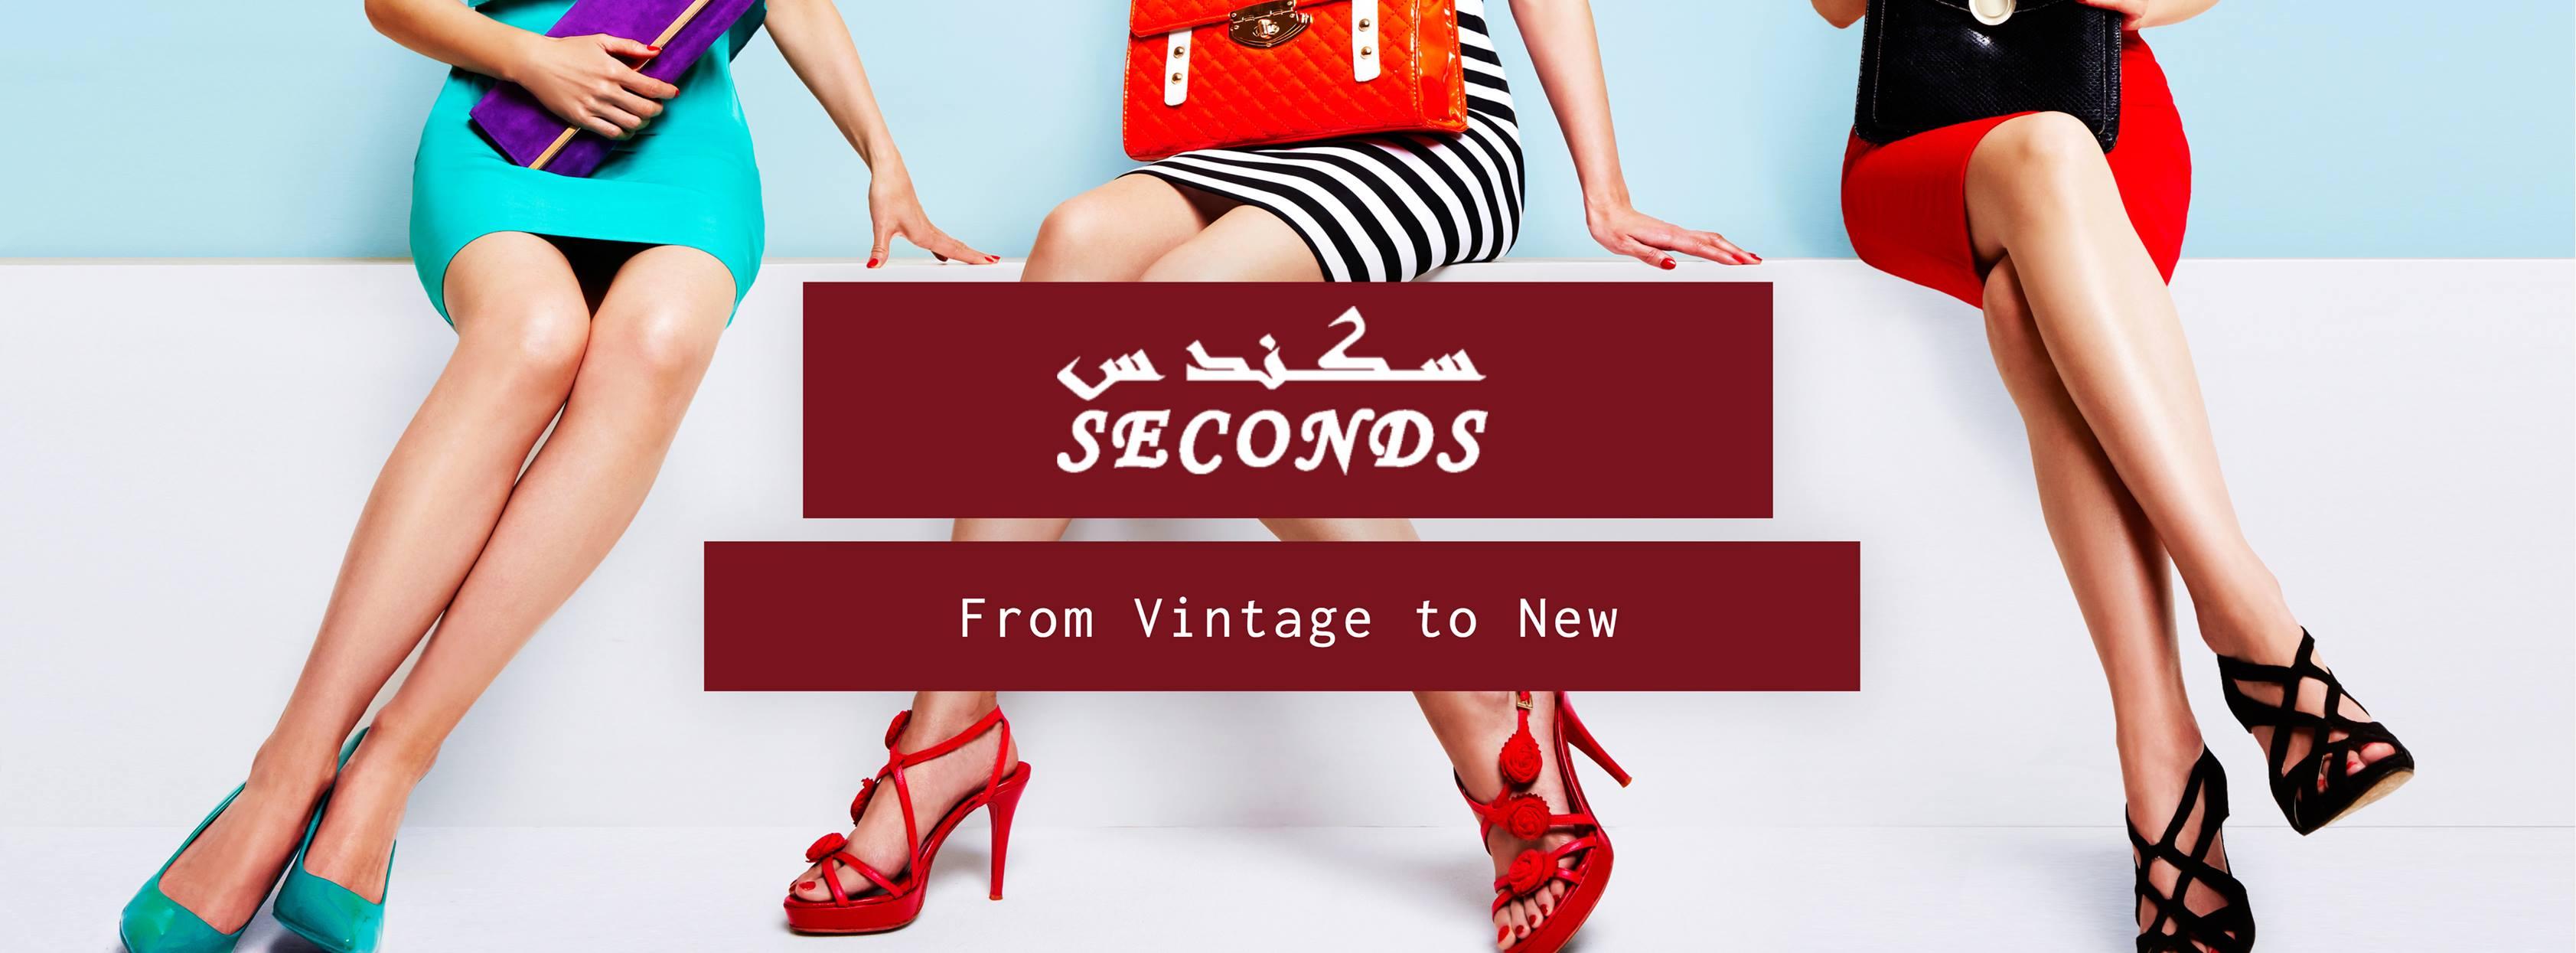 Seconds Boutique